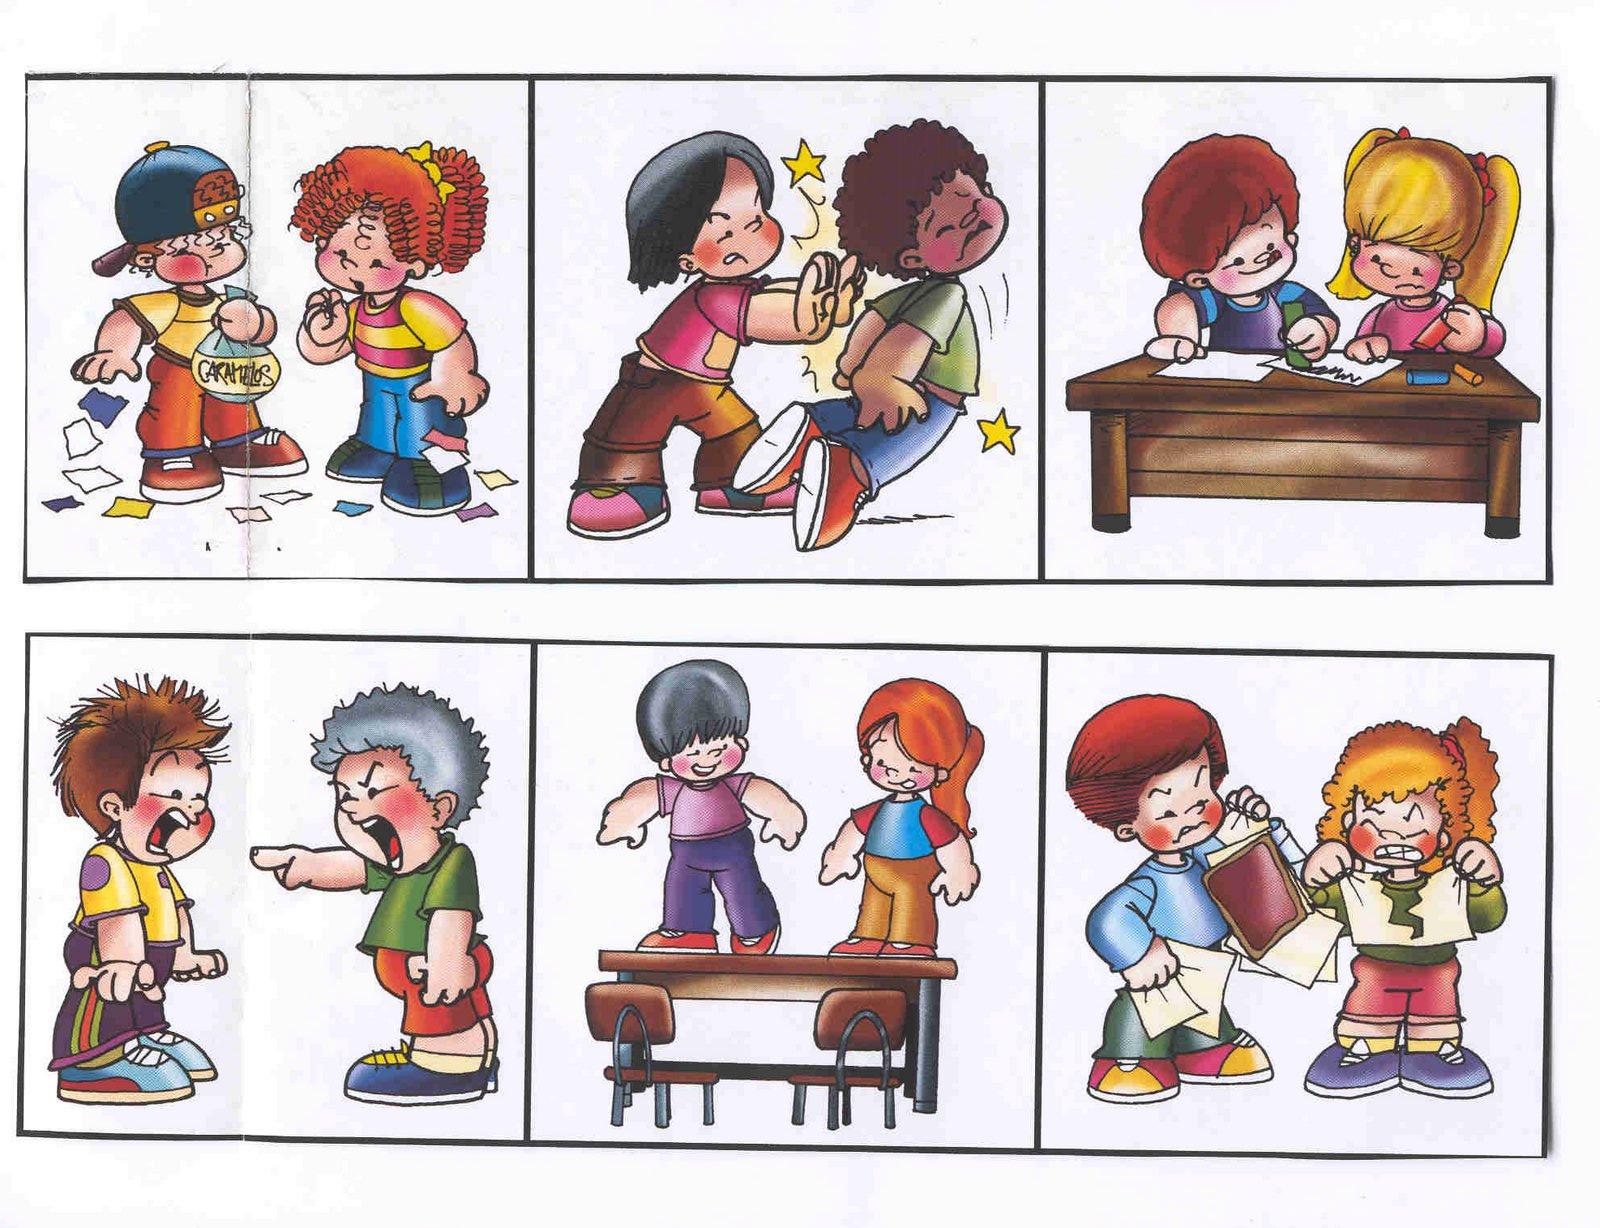 Audicion y lenguaje laminas para trabajar la expresion oral for Figuras para el jardin